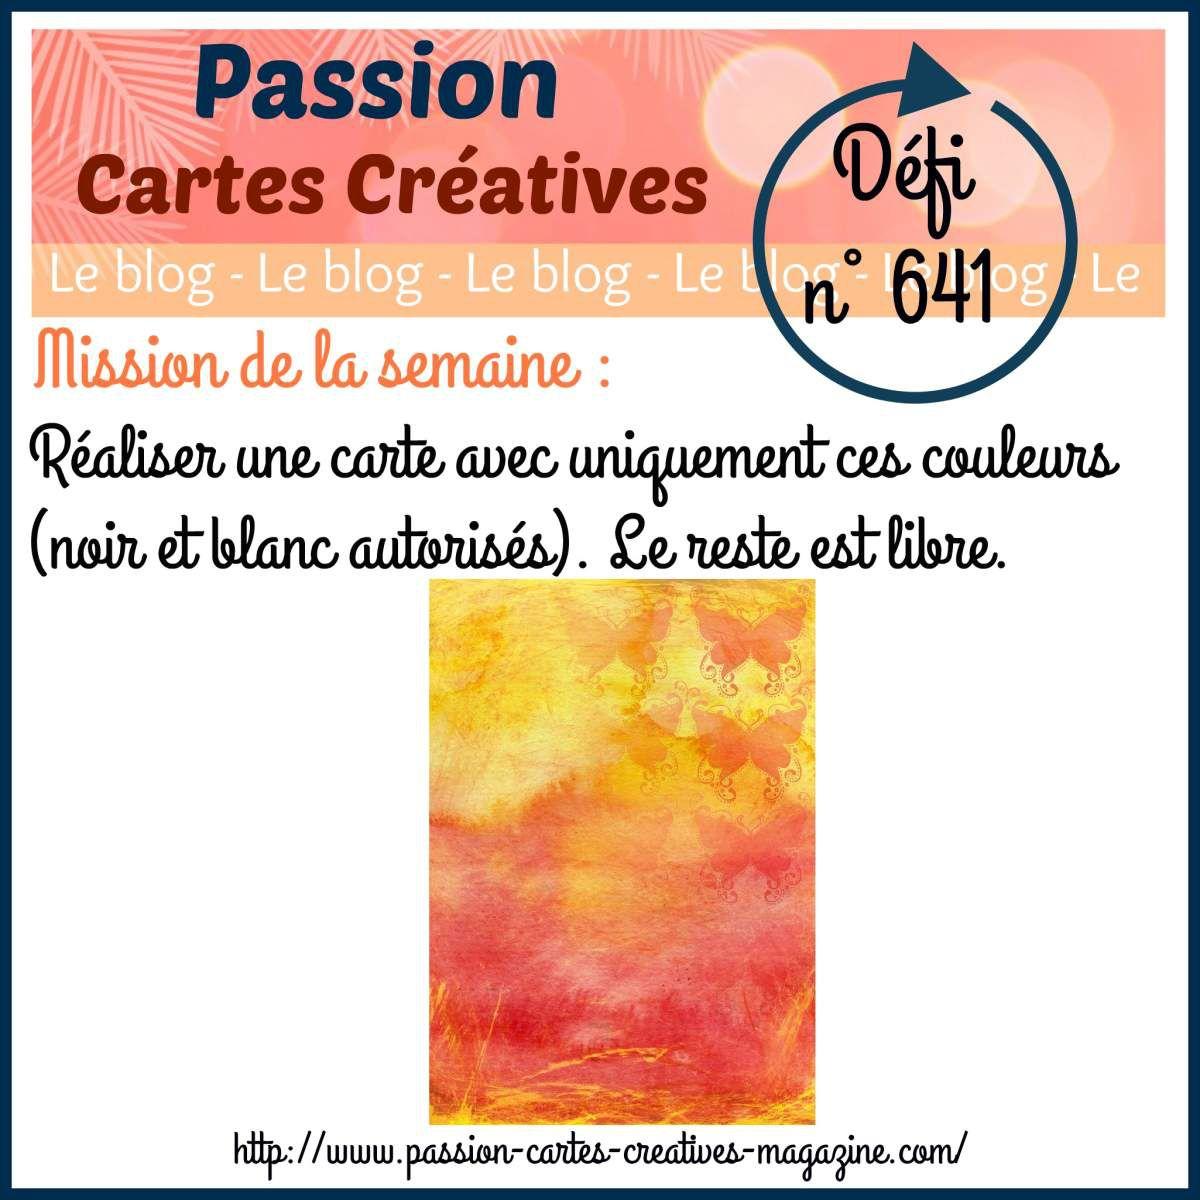 Défi 641 de Passion Cartes Créatives